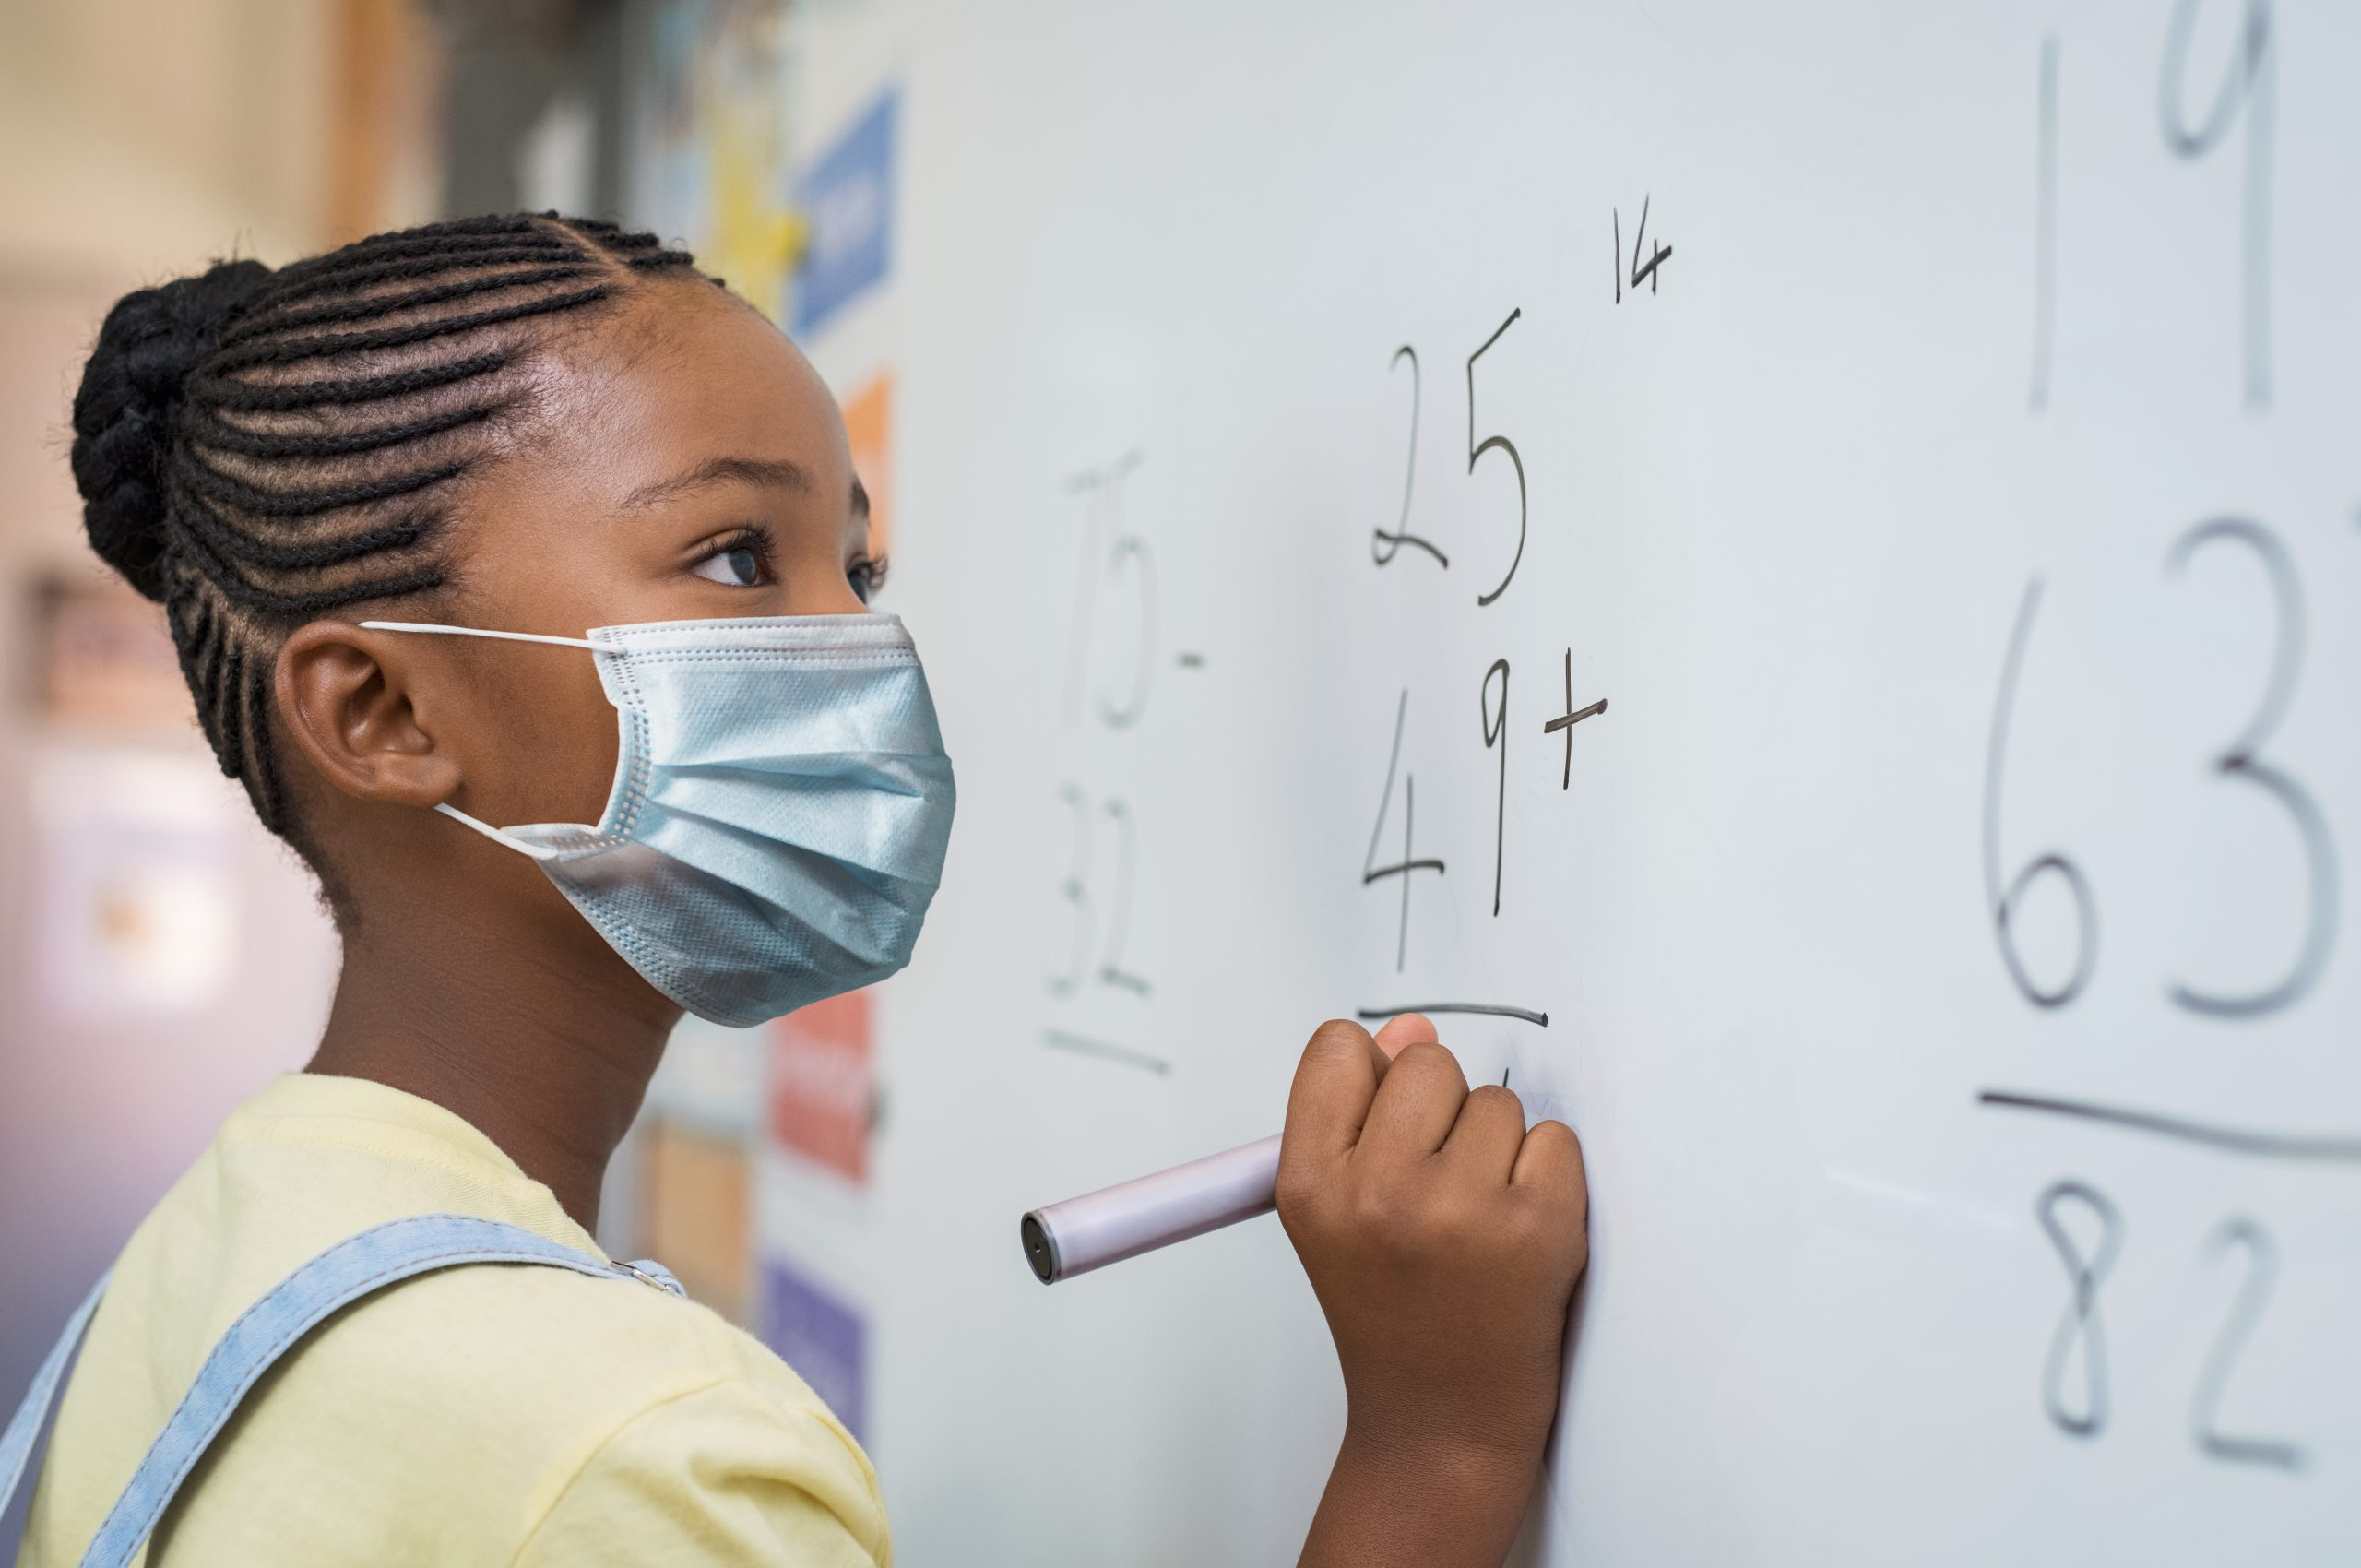 戴着口罩在黑板上写字的女学生